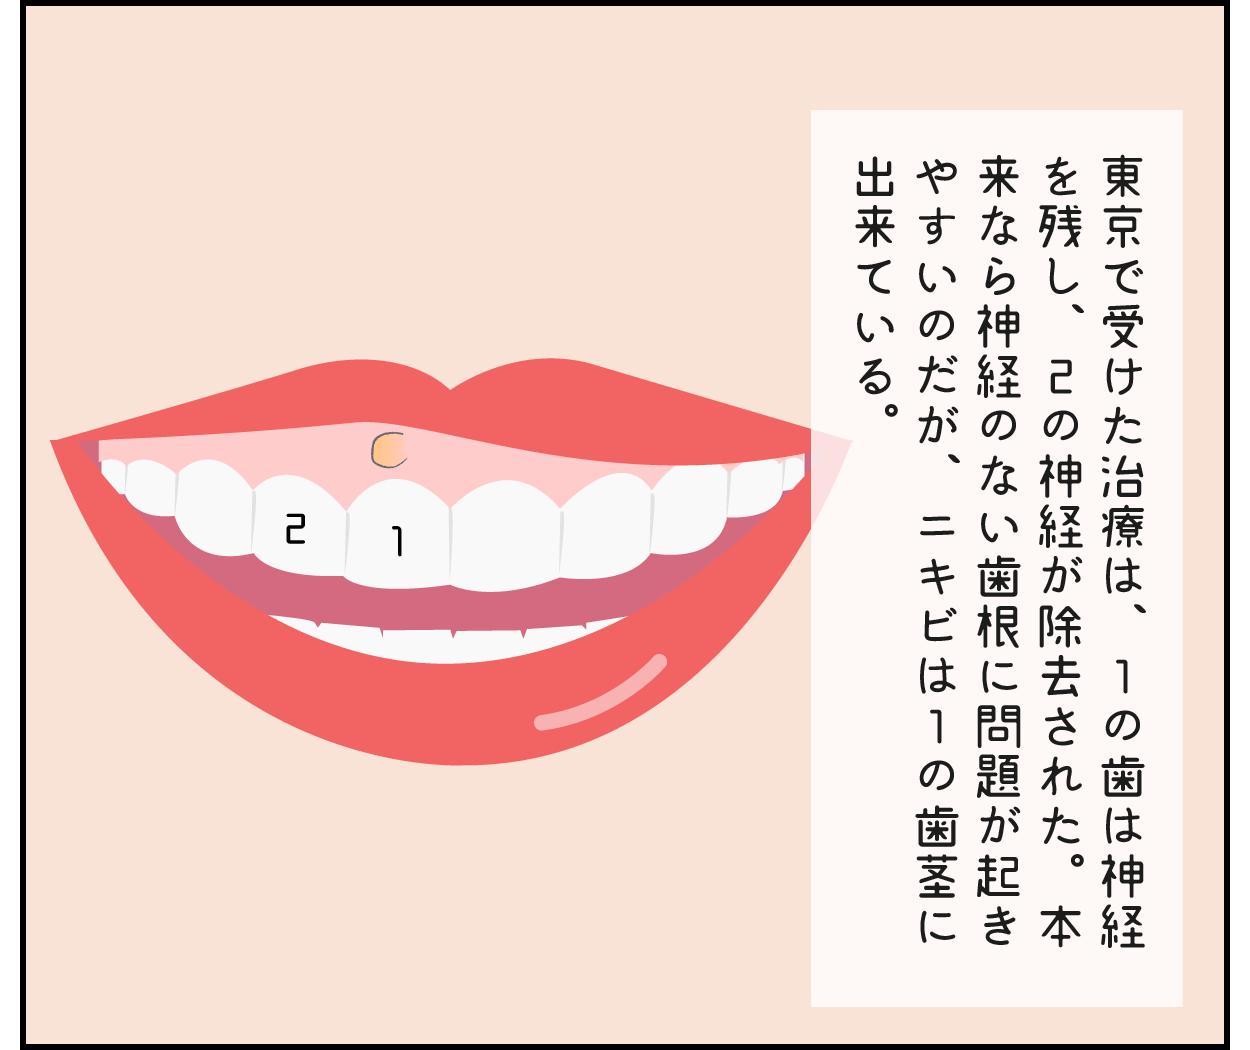 前歯 根幹治療 クラウン 歯茎 ニキビ